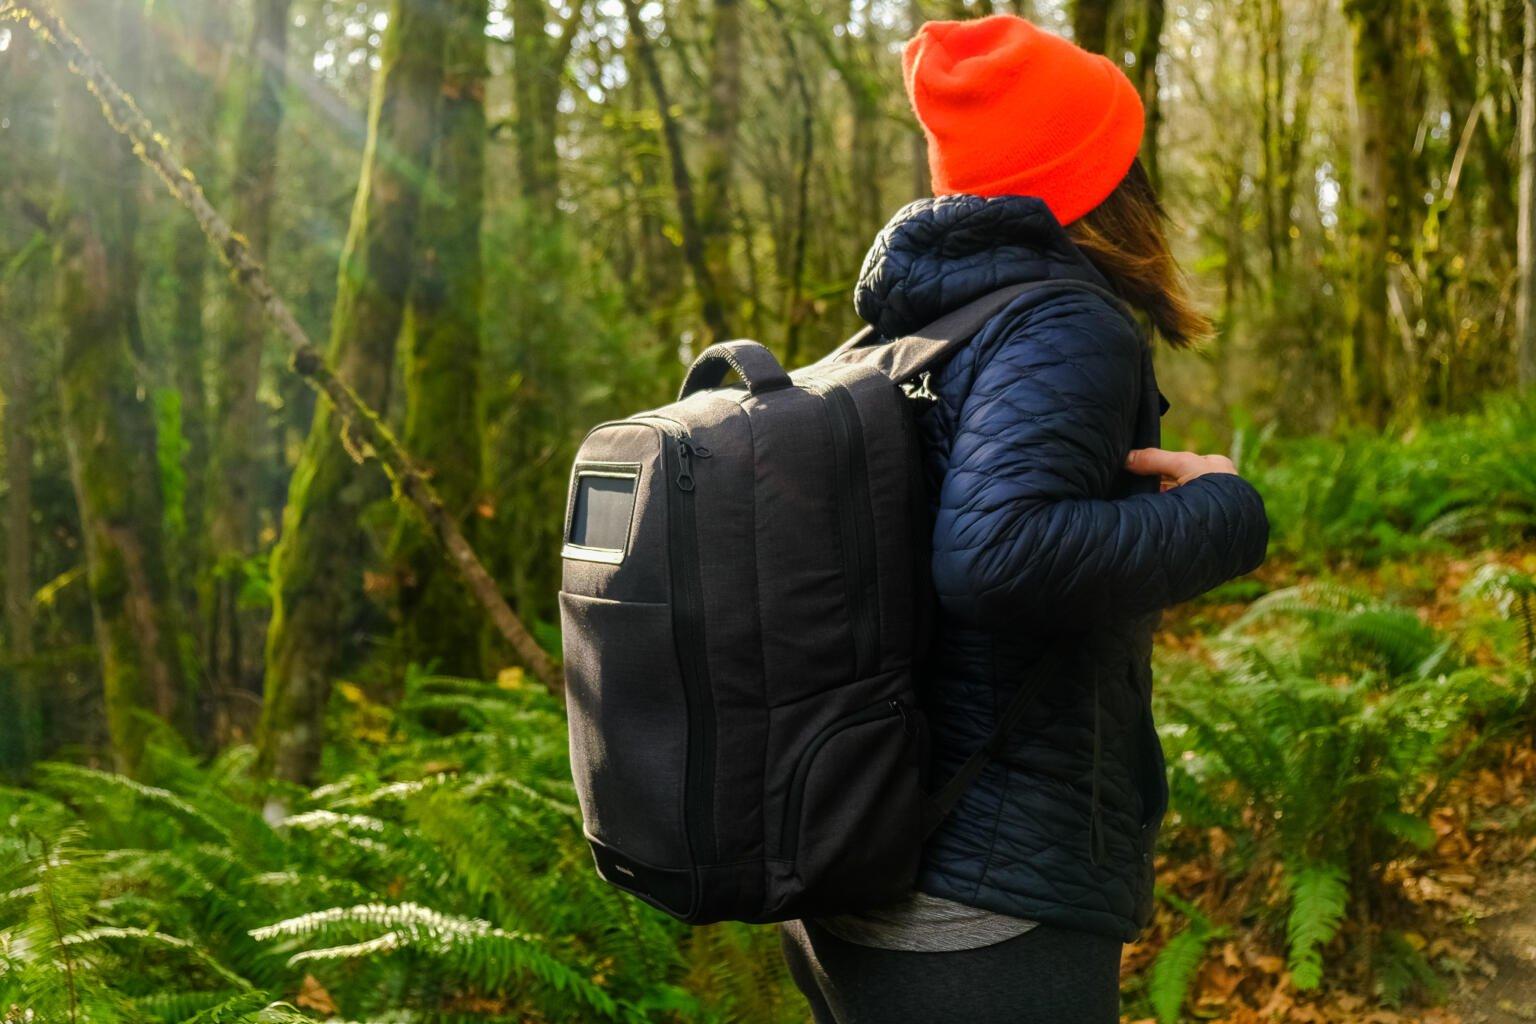 Lifepack backpack